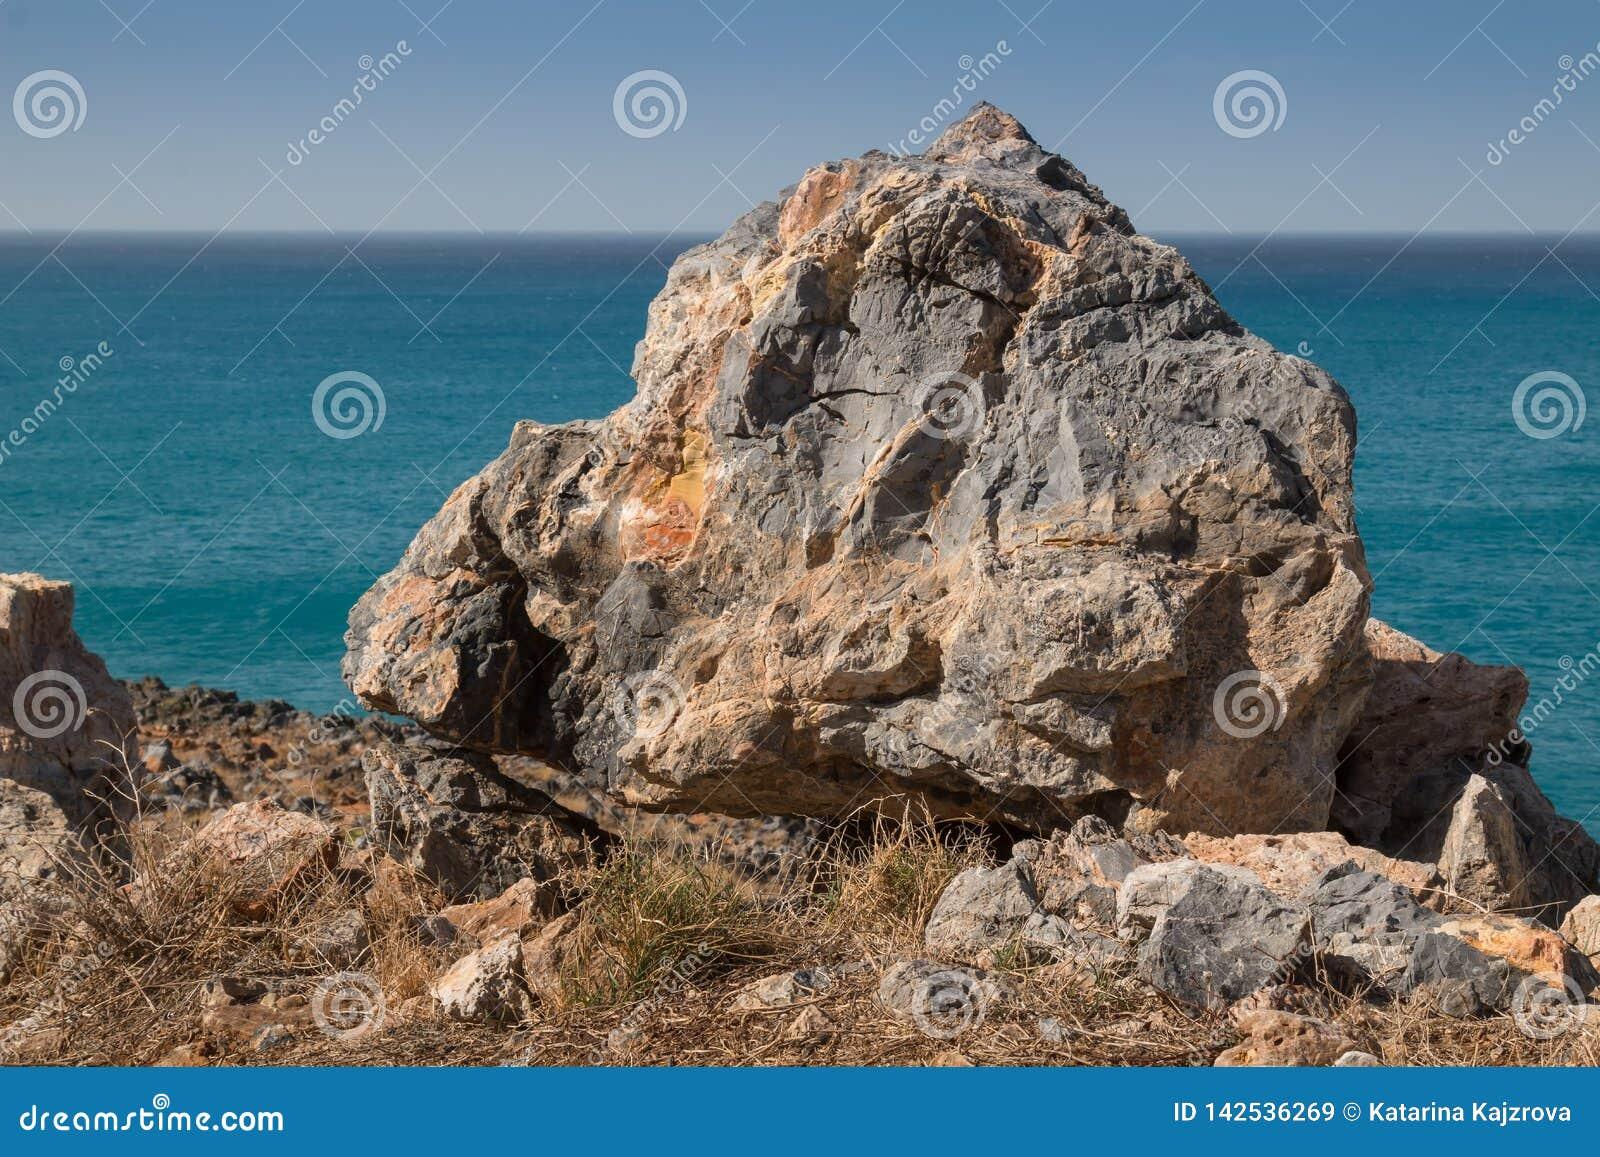 Dettaglio di una roccia alla collina della spiaggia